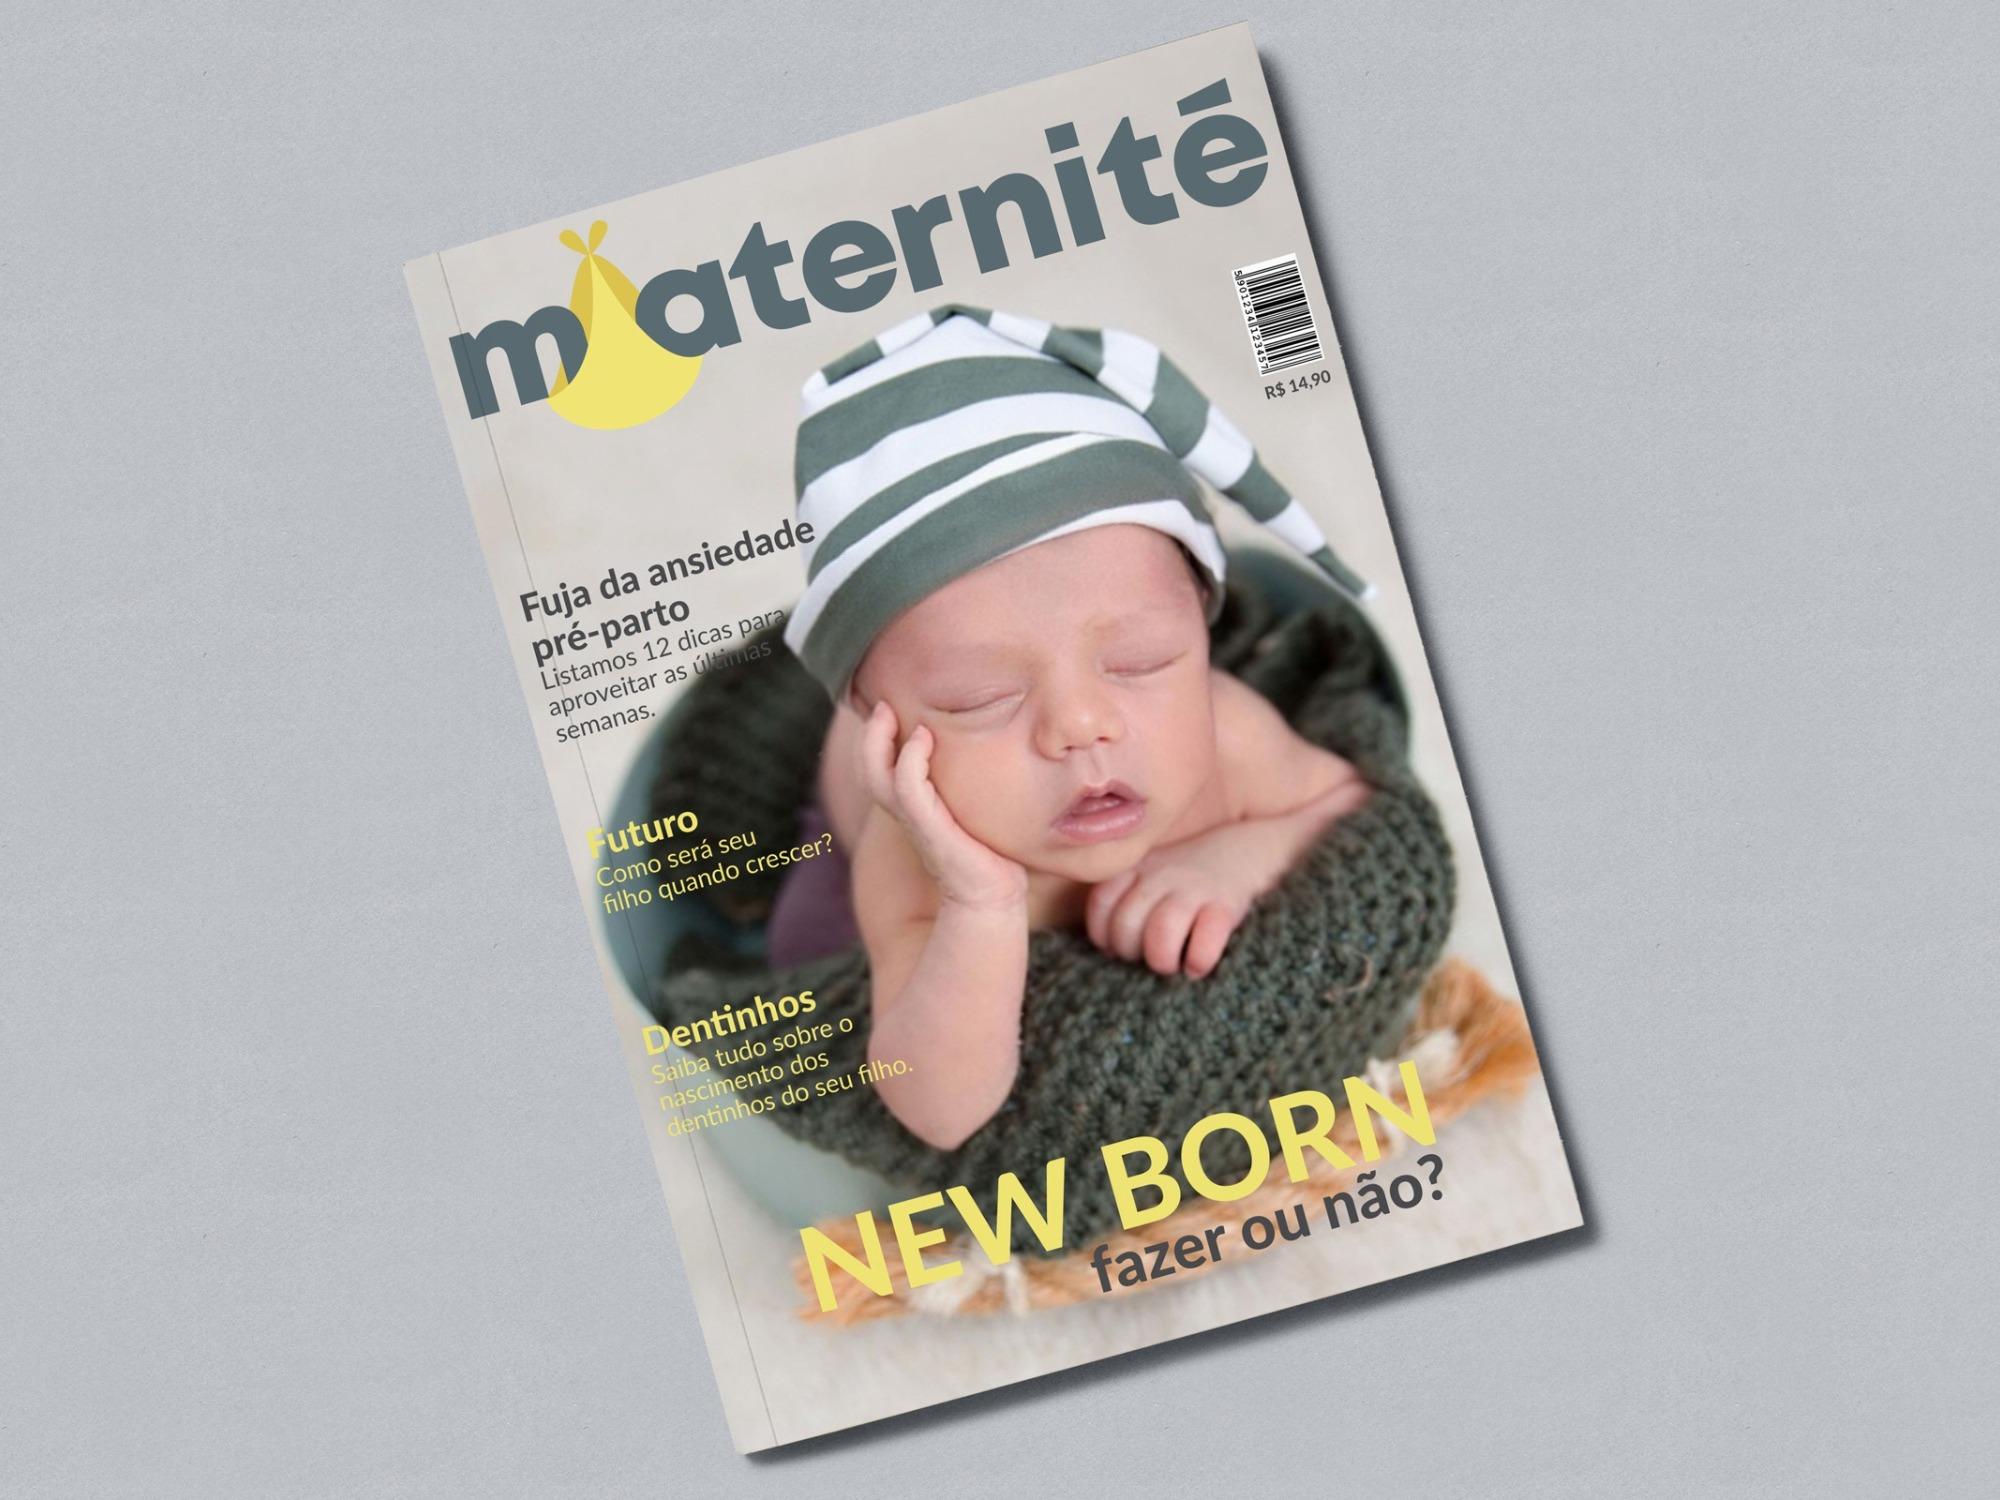 Lolita Magni | Maternité